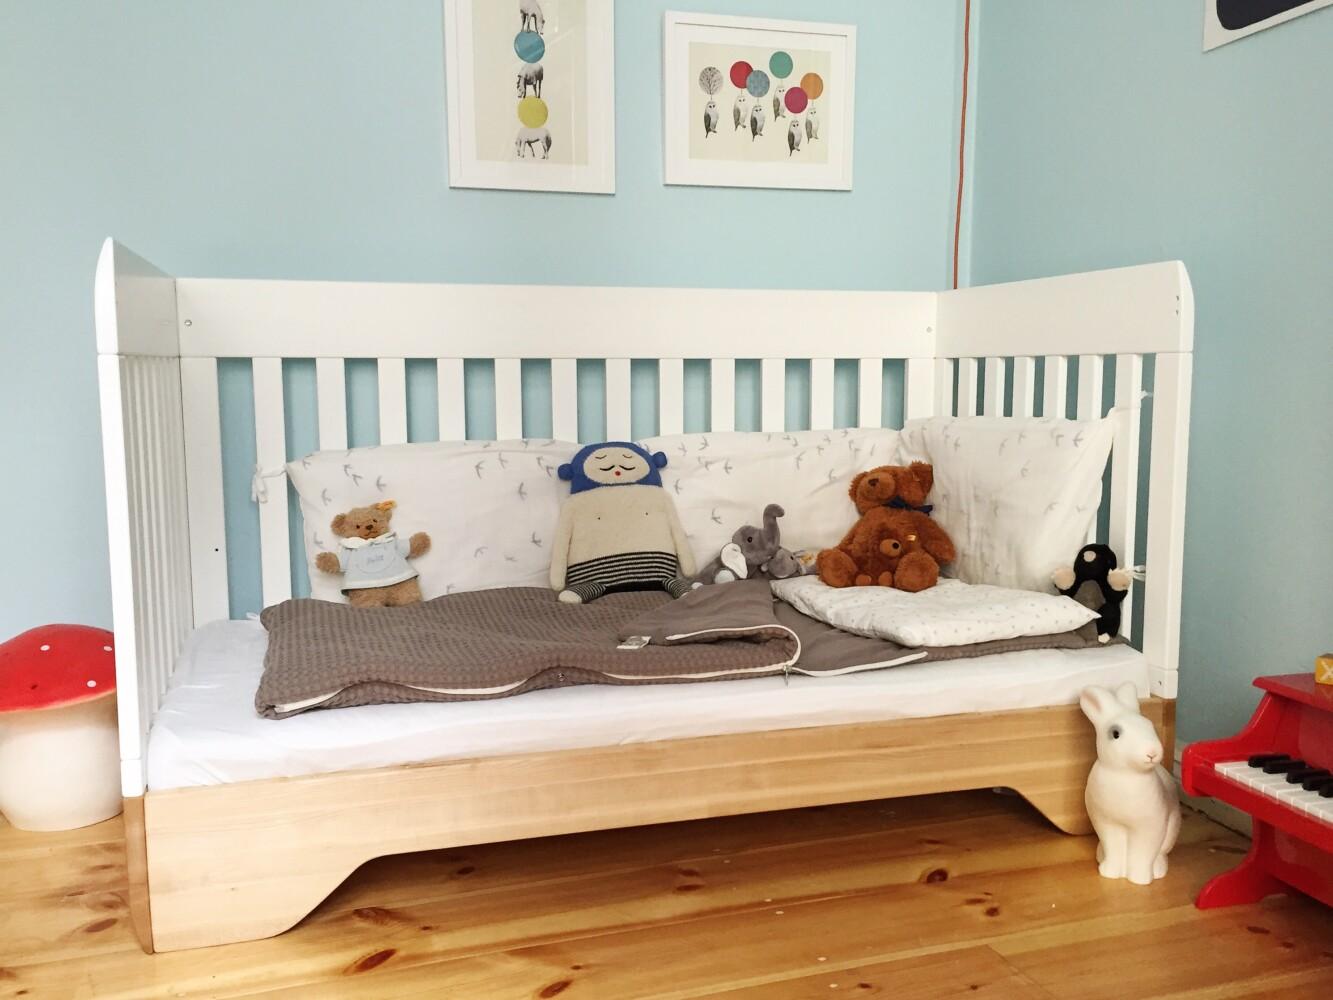 normale gr e von bettdecken kinder flanell bettw sche. Black Bedroom Furniture Sets. Home Design Ideas